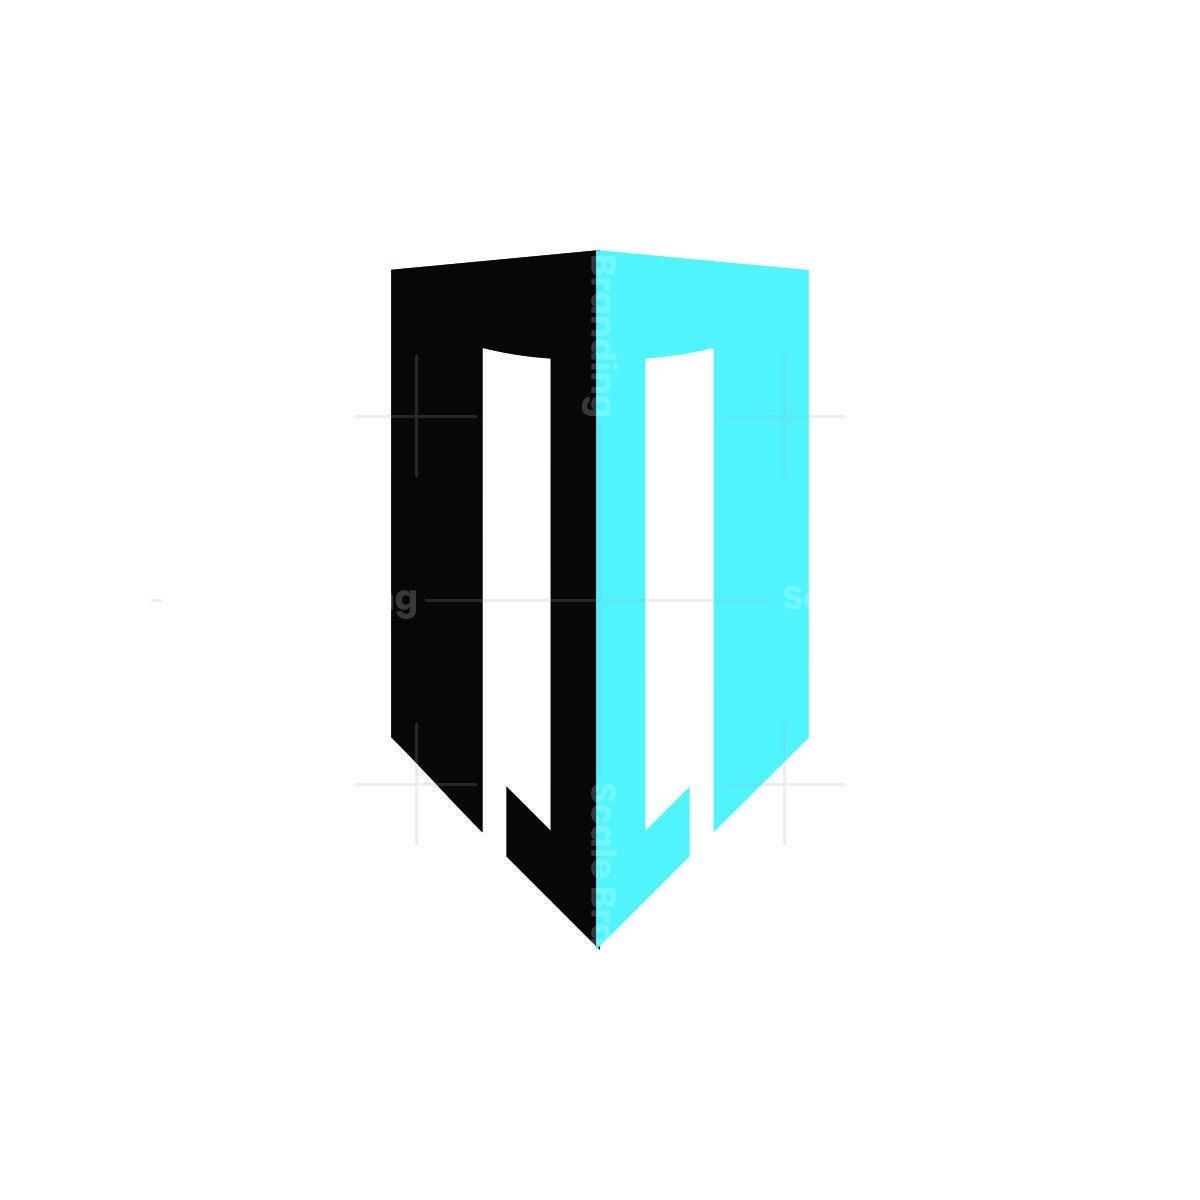 m arrow building letter logo